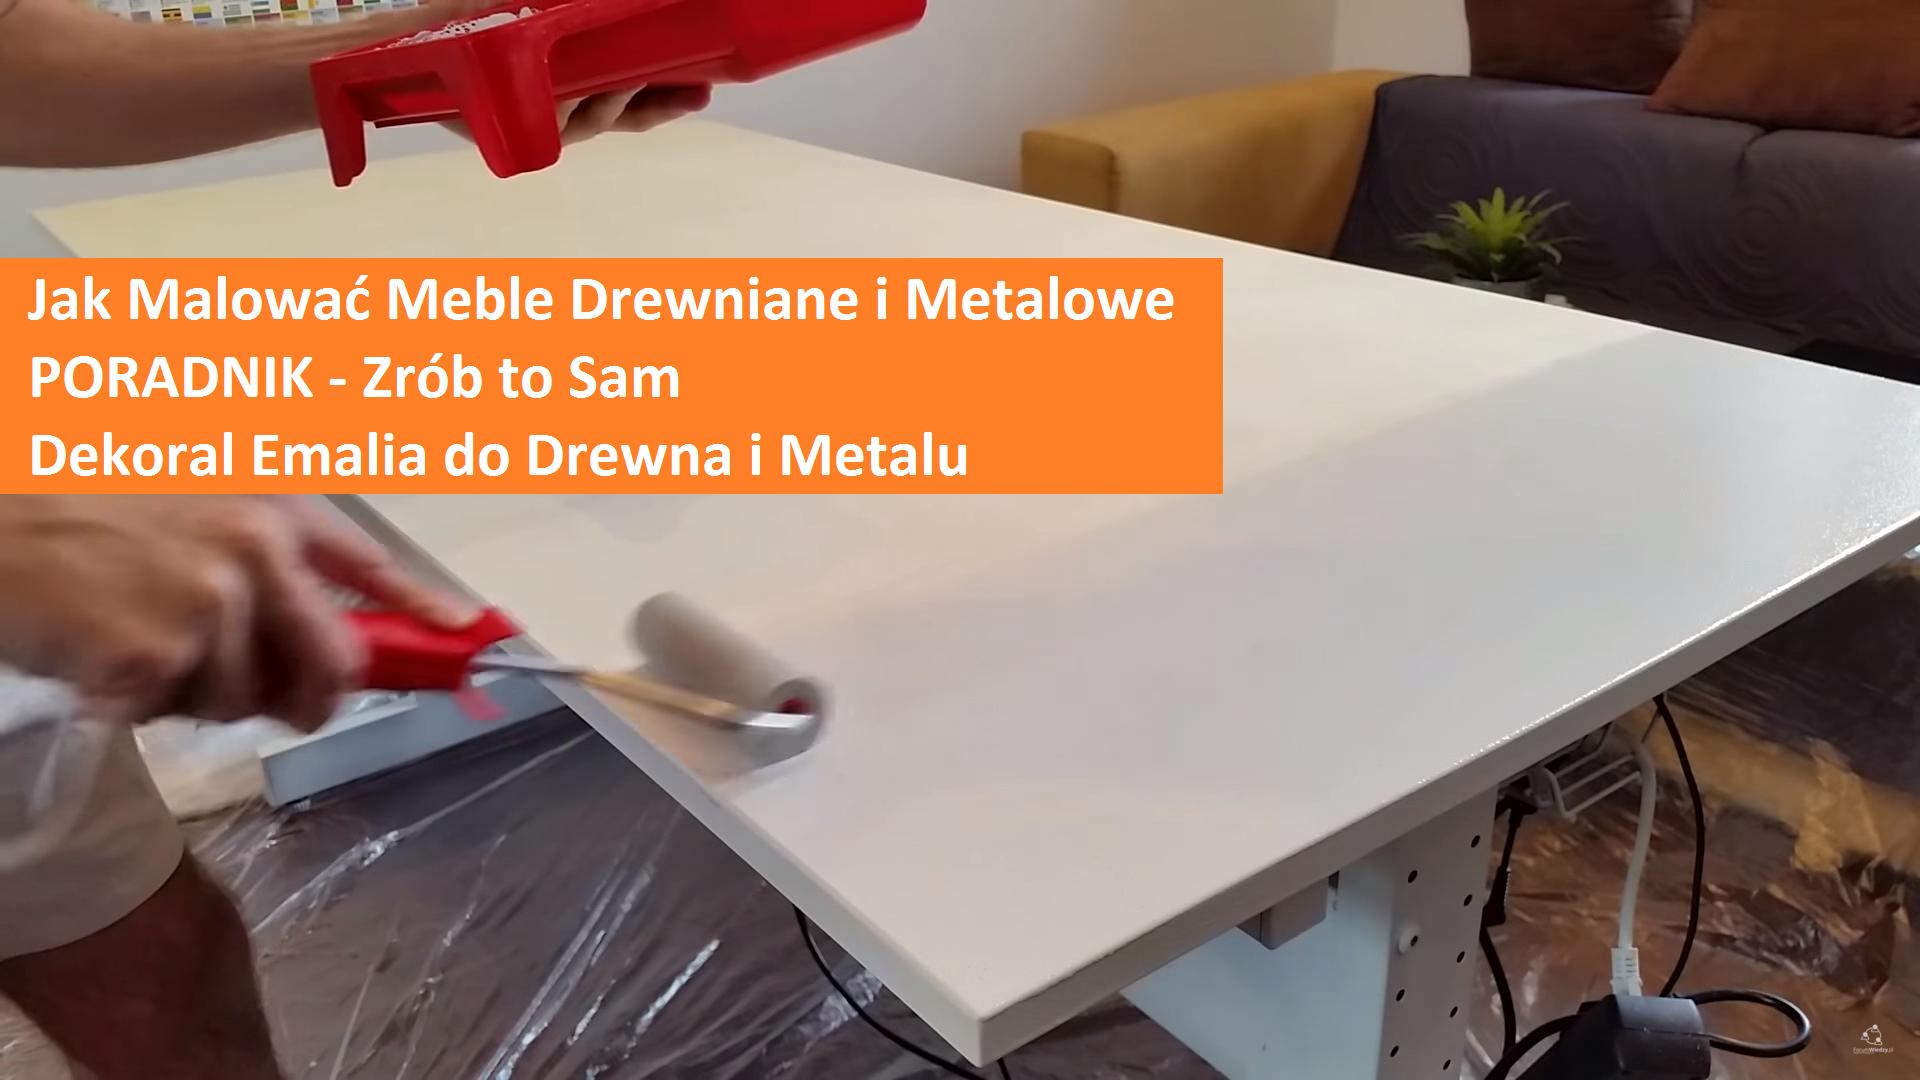 Meble Ogrodowe Z Drewna Zrob To Sam : Meble Drewniane PORADNIK Zrób to Sam DIY Dekoral Emalia do Drewna